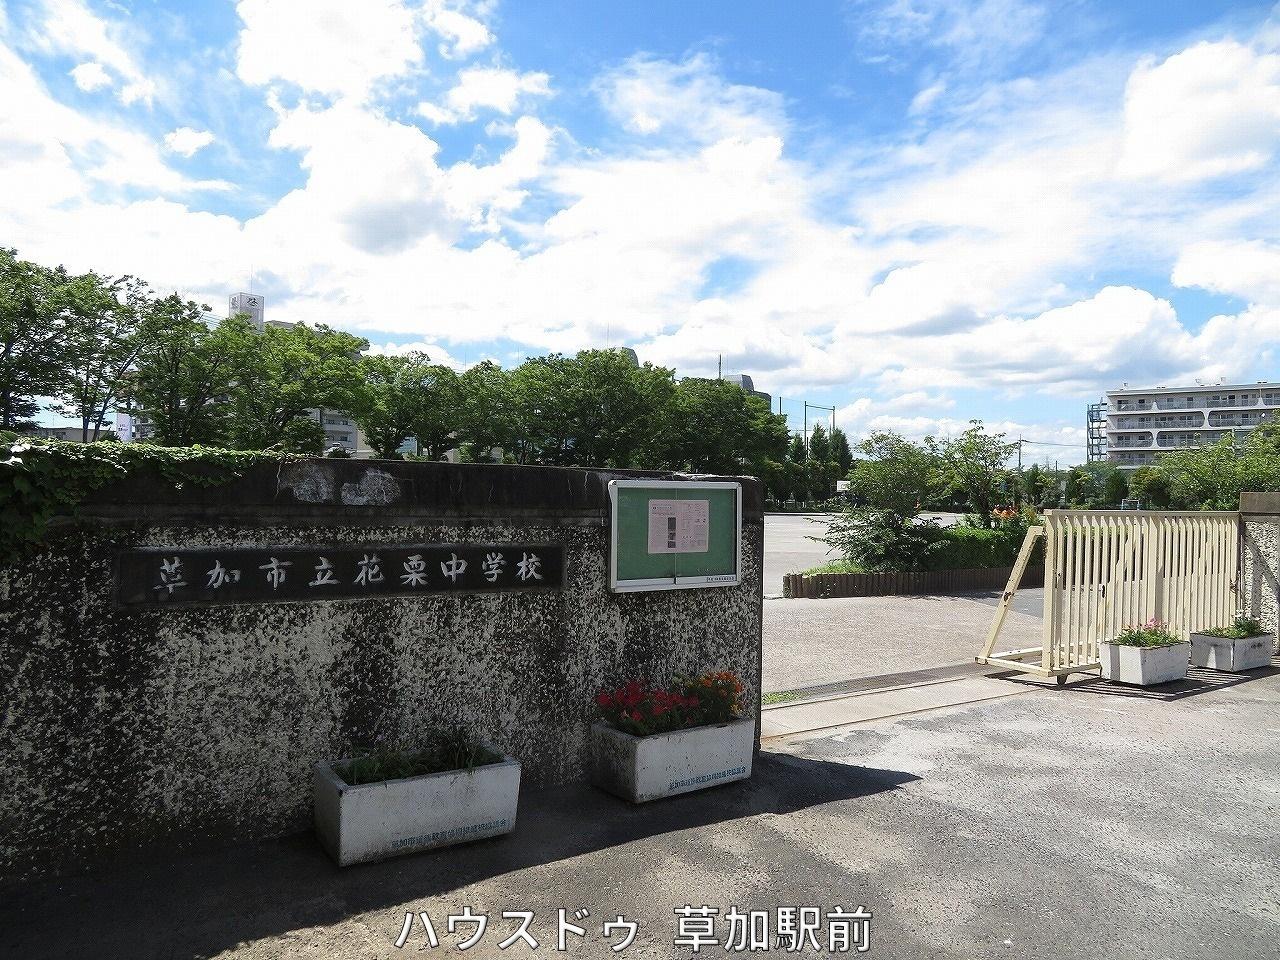 中学校徒歩約11分(約810m)m